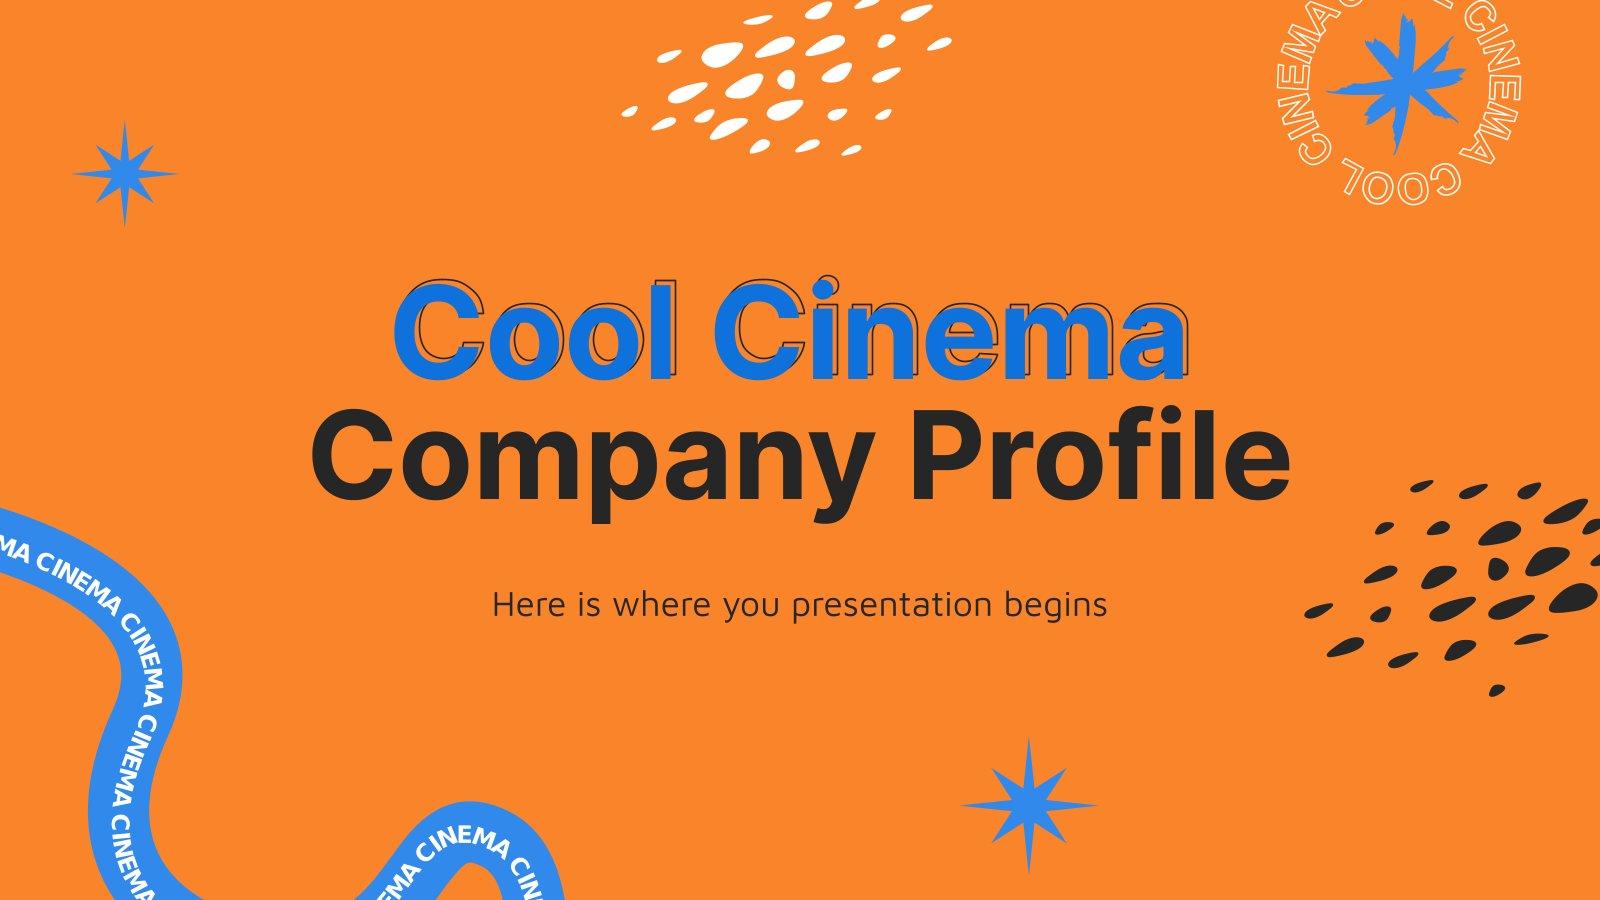 Modelo de apresentação Perfil da empresa de um cinema